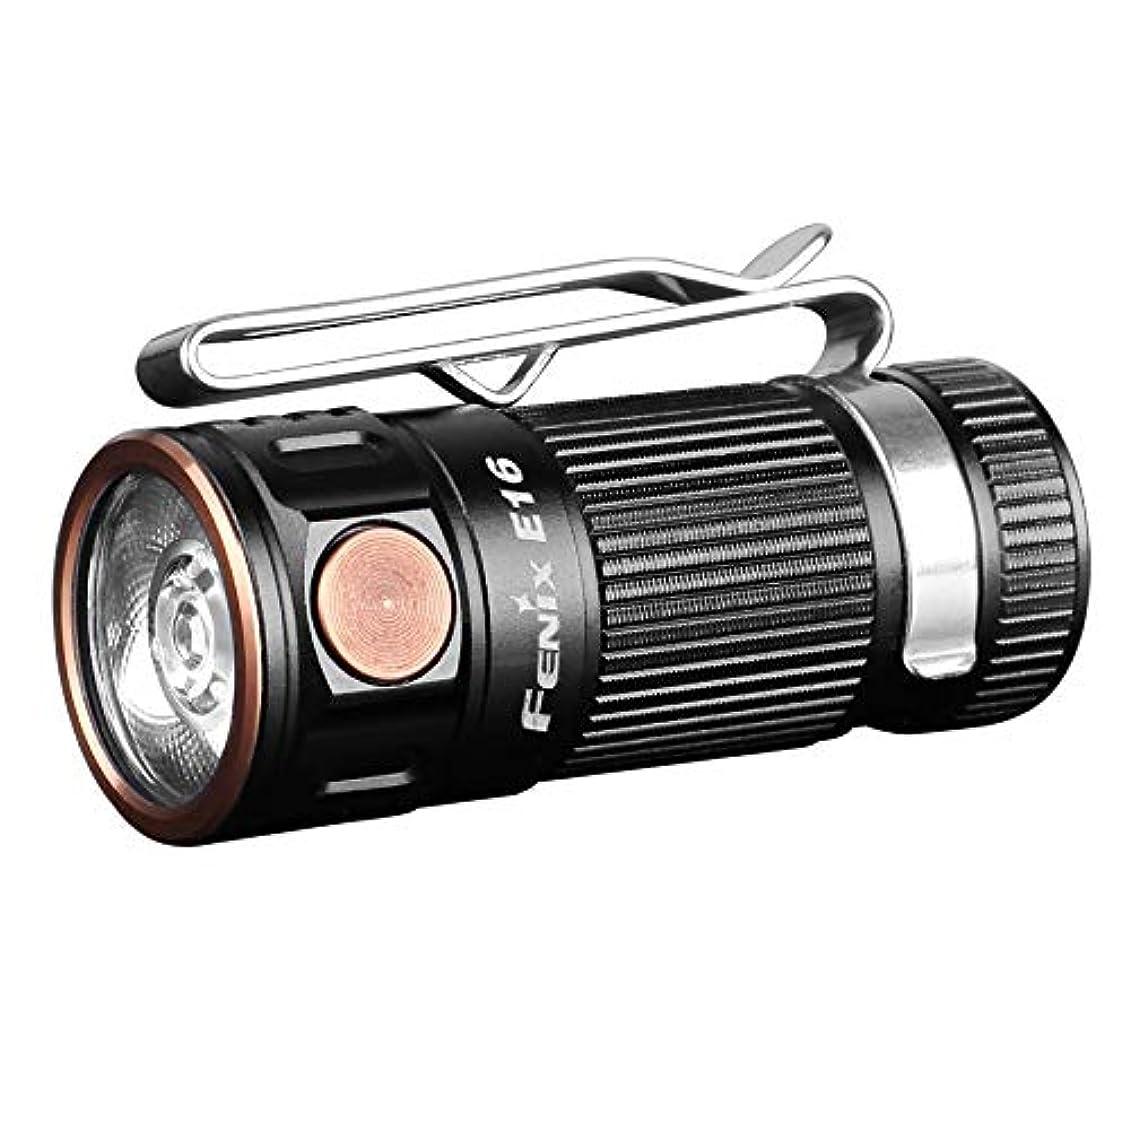 塩階層弾力性のあるFENIX(フェニックス) E16 XP-L HI EDCフラッシュライト 明るさ最高700ルーメン E16